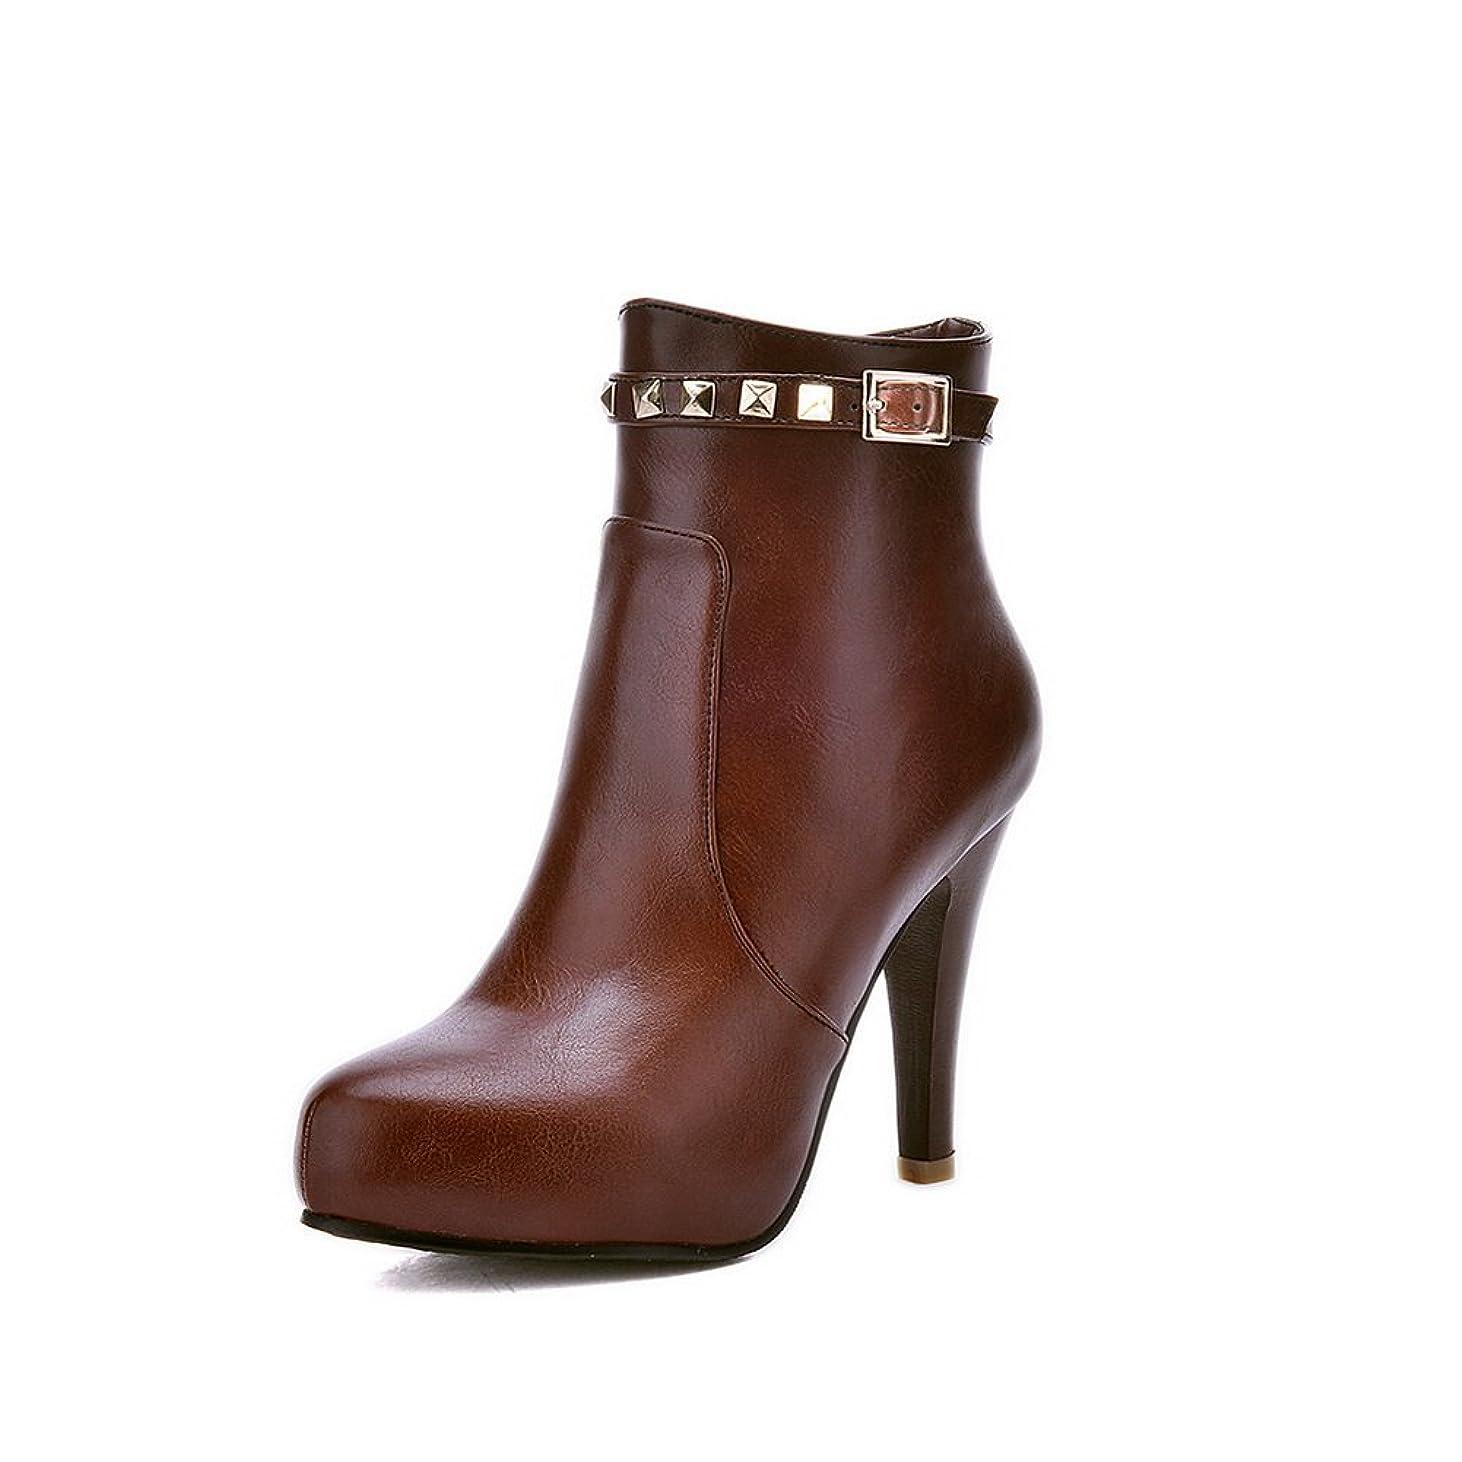 ぴったり多様な見込み[BalaMasa] レディース ドレス ファッションチェックのハイヒール プラットフォーム 金属バックル Puの皮 ブーツ?ブーティ